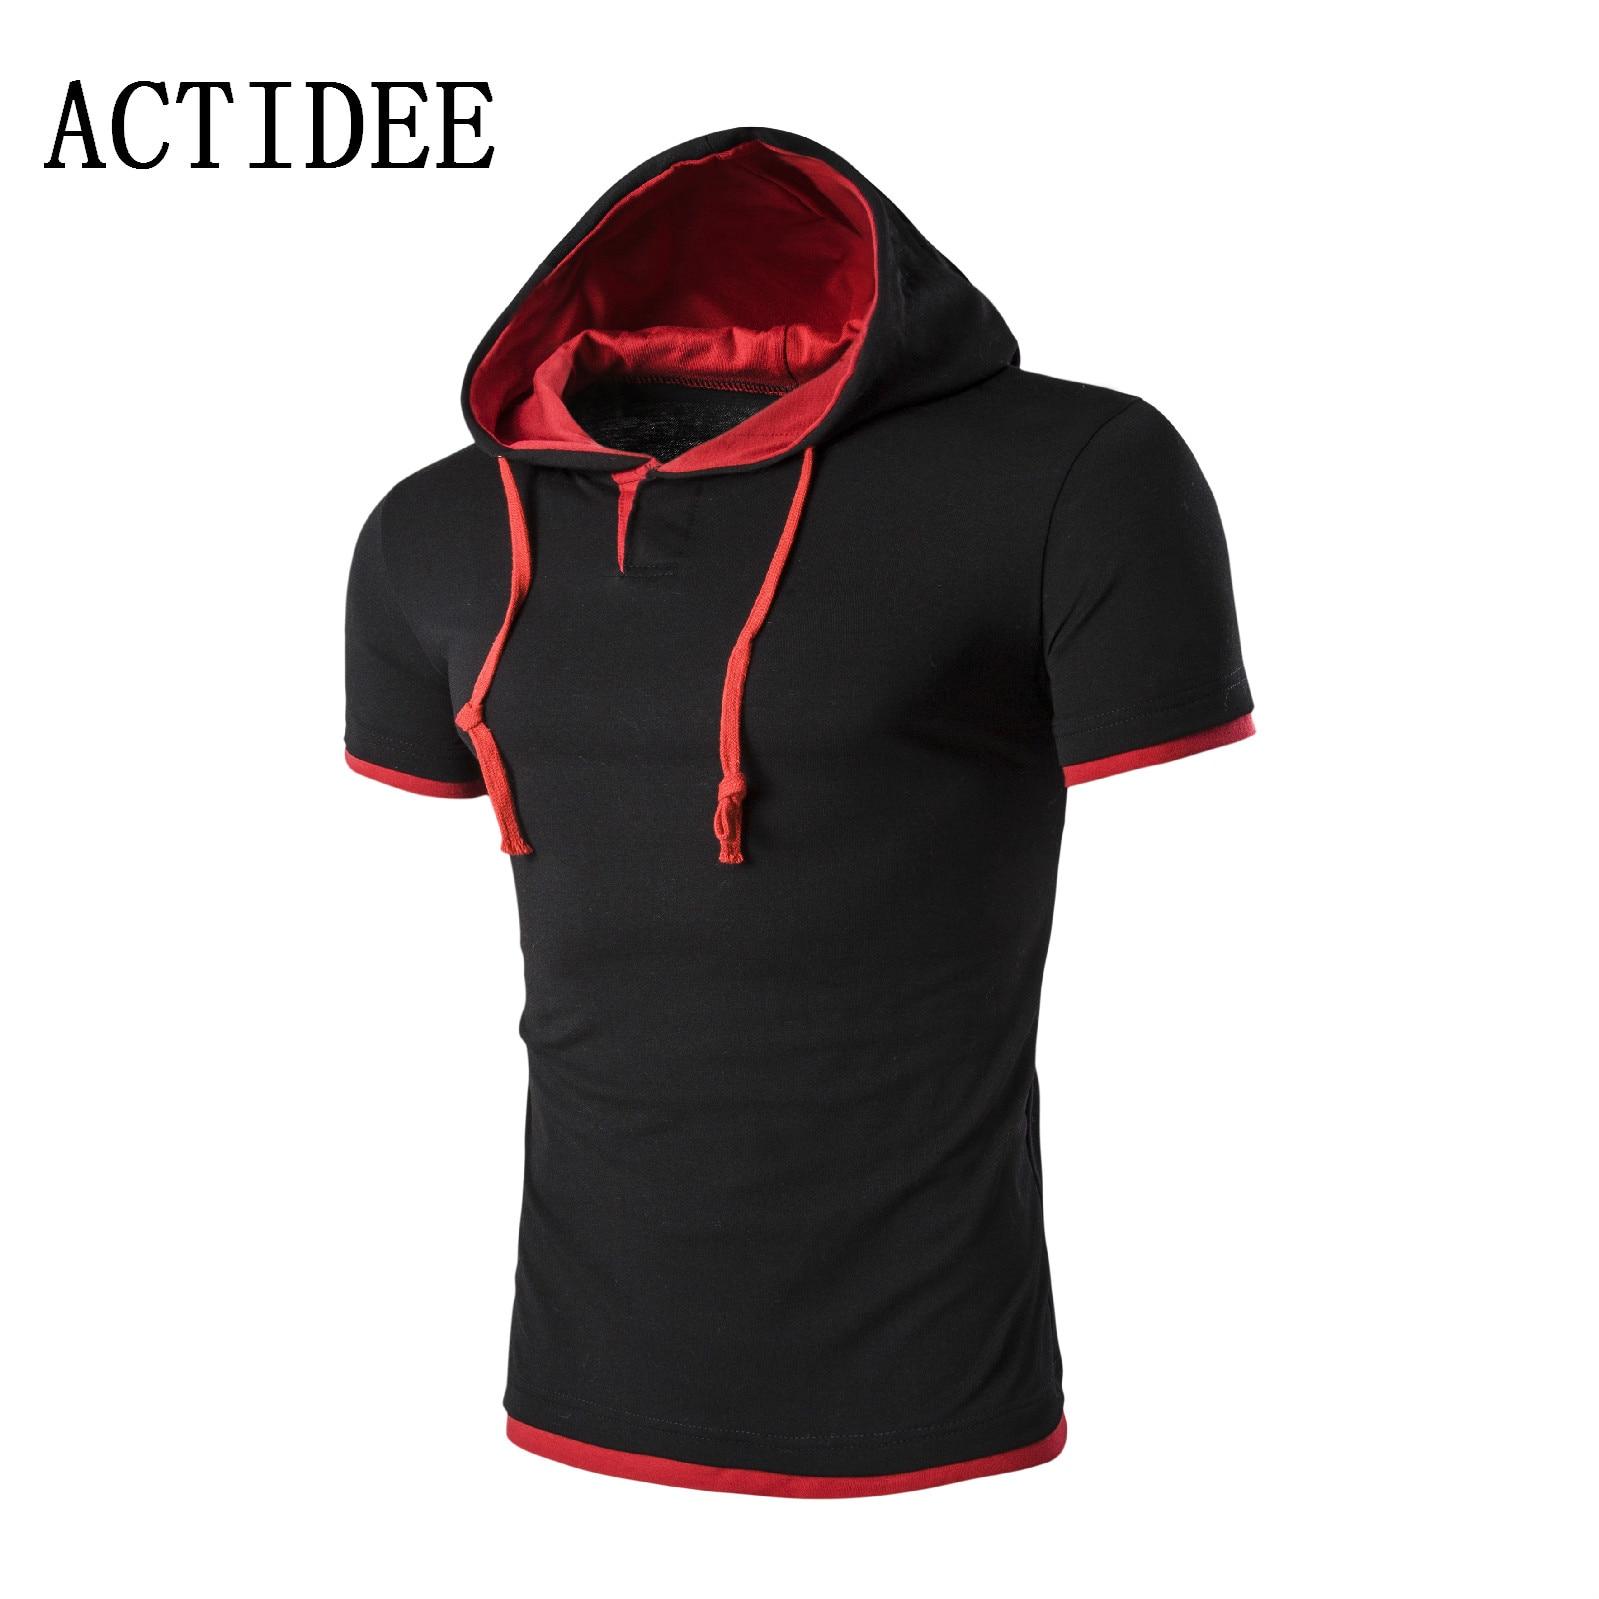 Desain t shirt unik - 2017 Merek Hoody T Shirt Pria Berkerudung Desain Unik Pria Lengan Pendek Katun Tee Kemeja Kasual